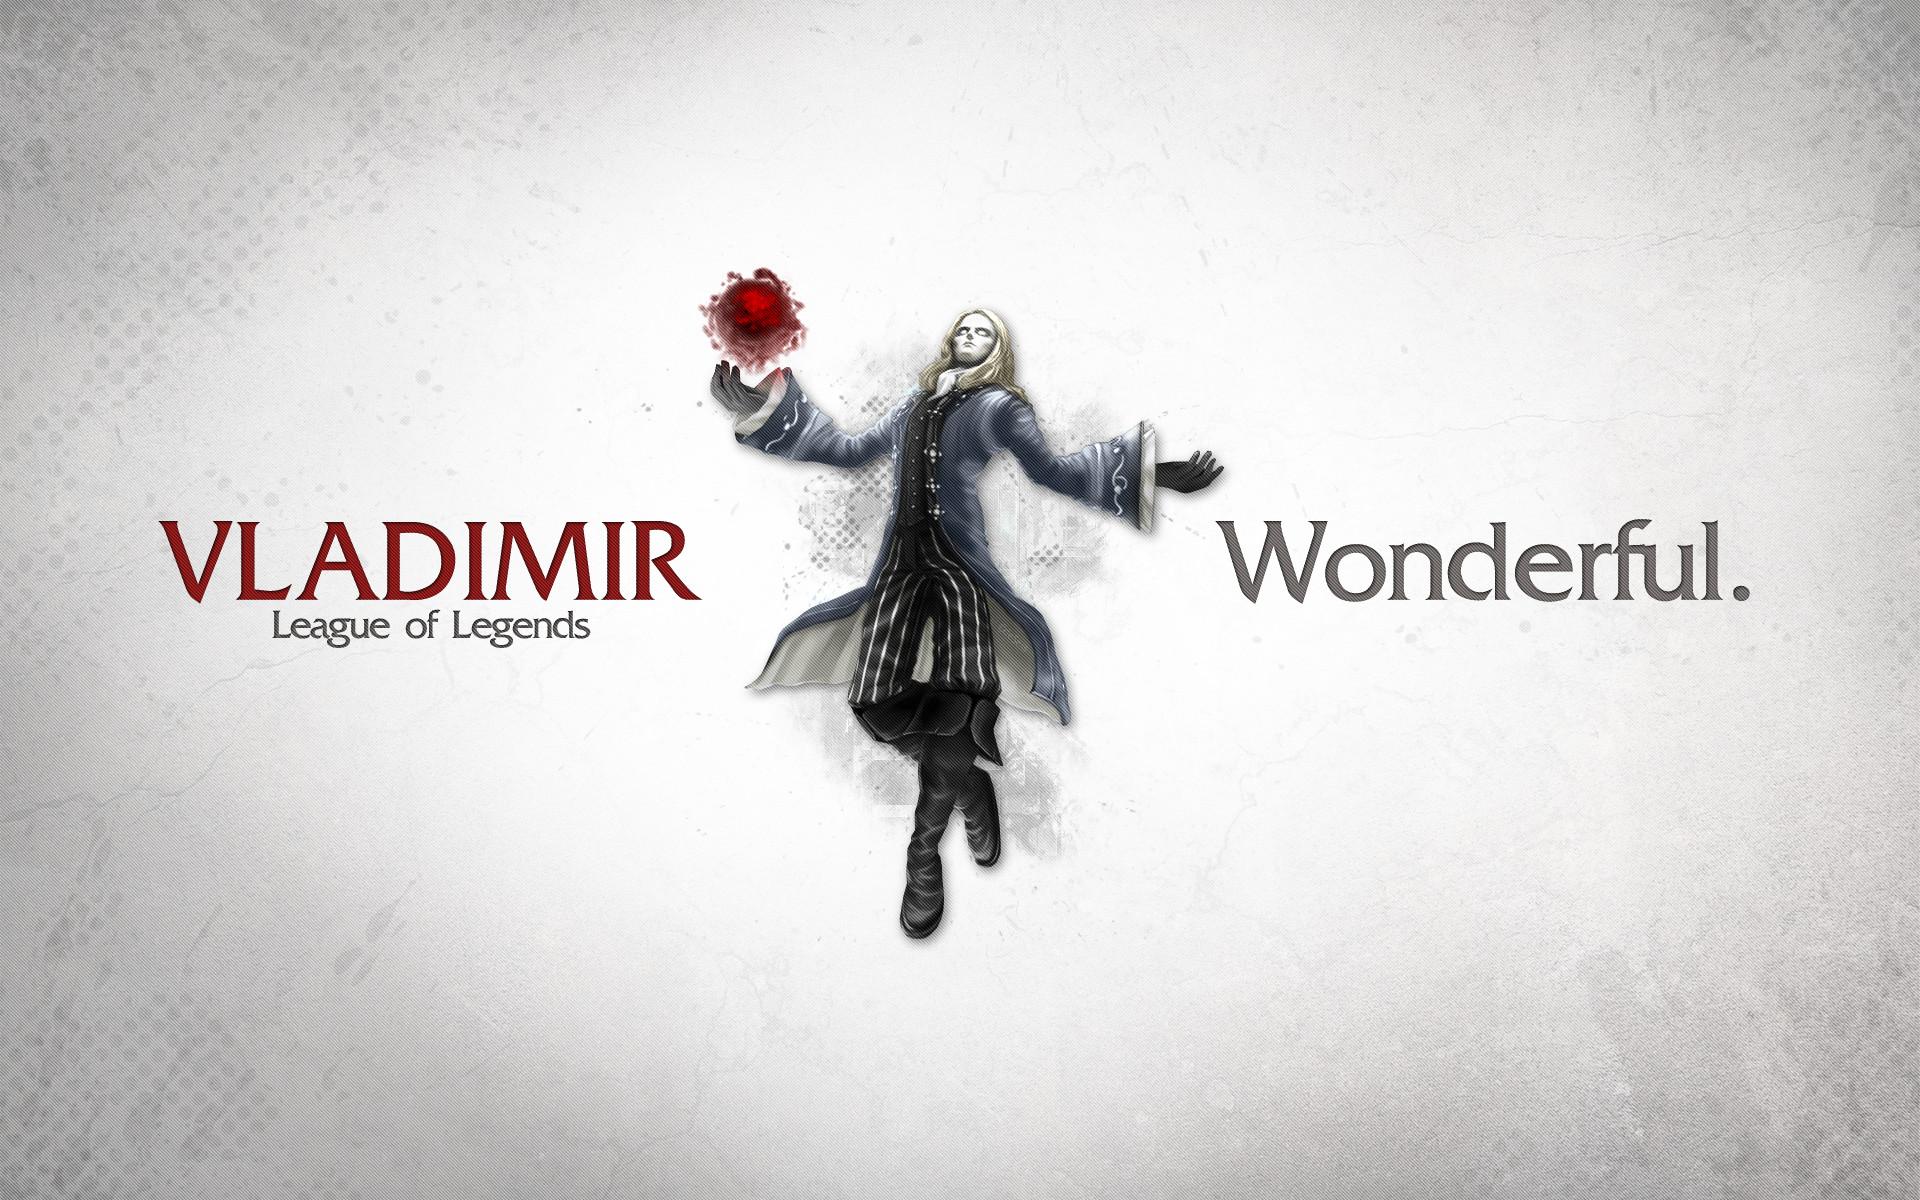 Vladimir. Vladimir Wallpaper